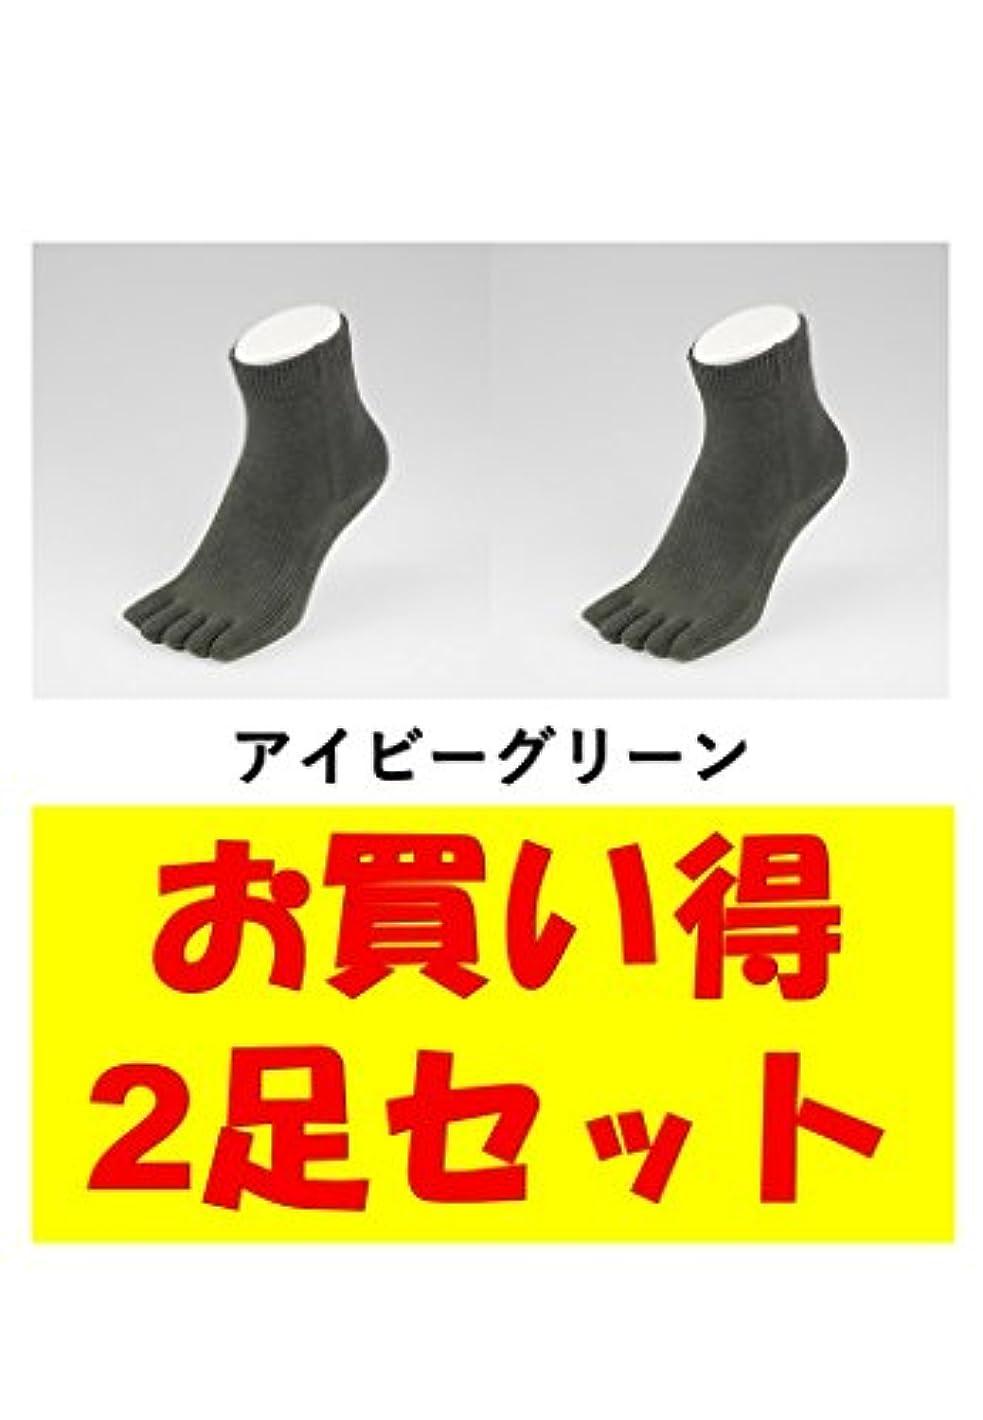 夜明け政令分子お買い得2足セット 5本指 ゆびのばソックス Neo EVE(イヴ) アイビーグリーン Sサイズ(21.0cm - 24.0cm) YSNEVE-IGR